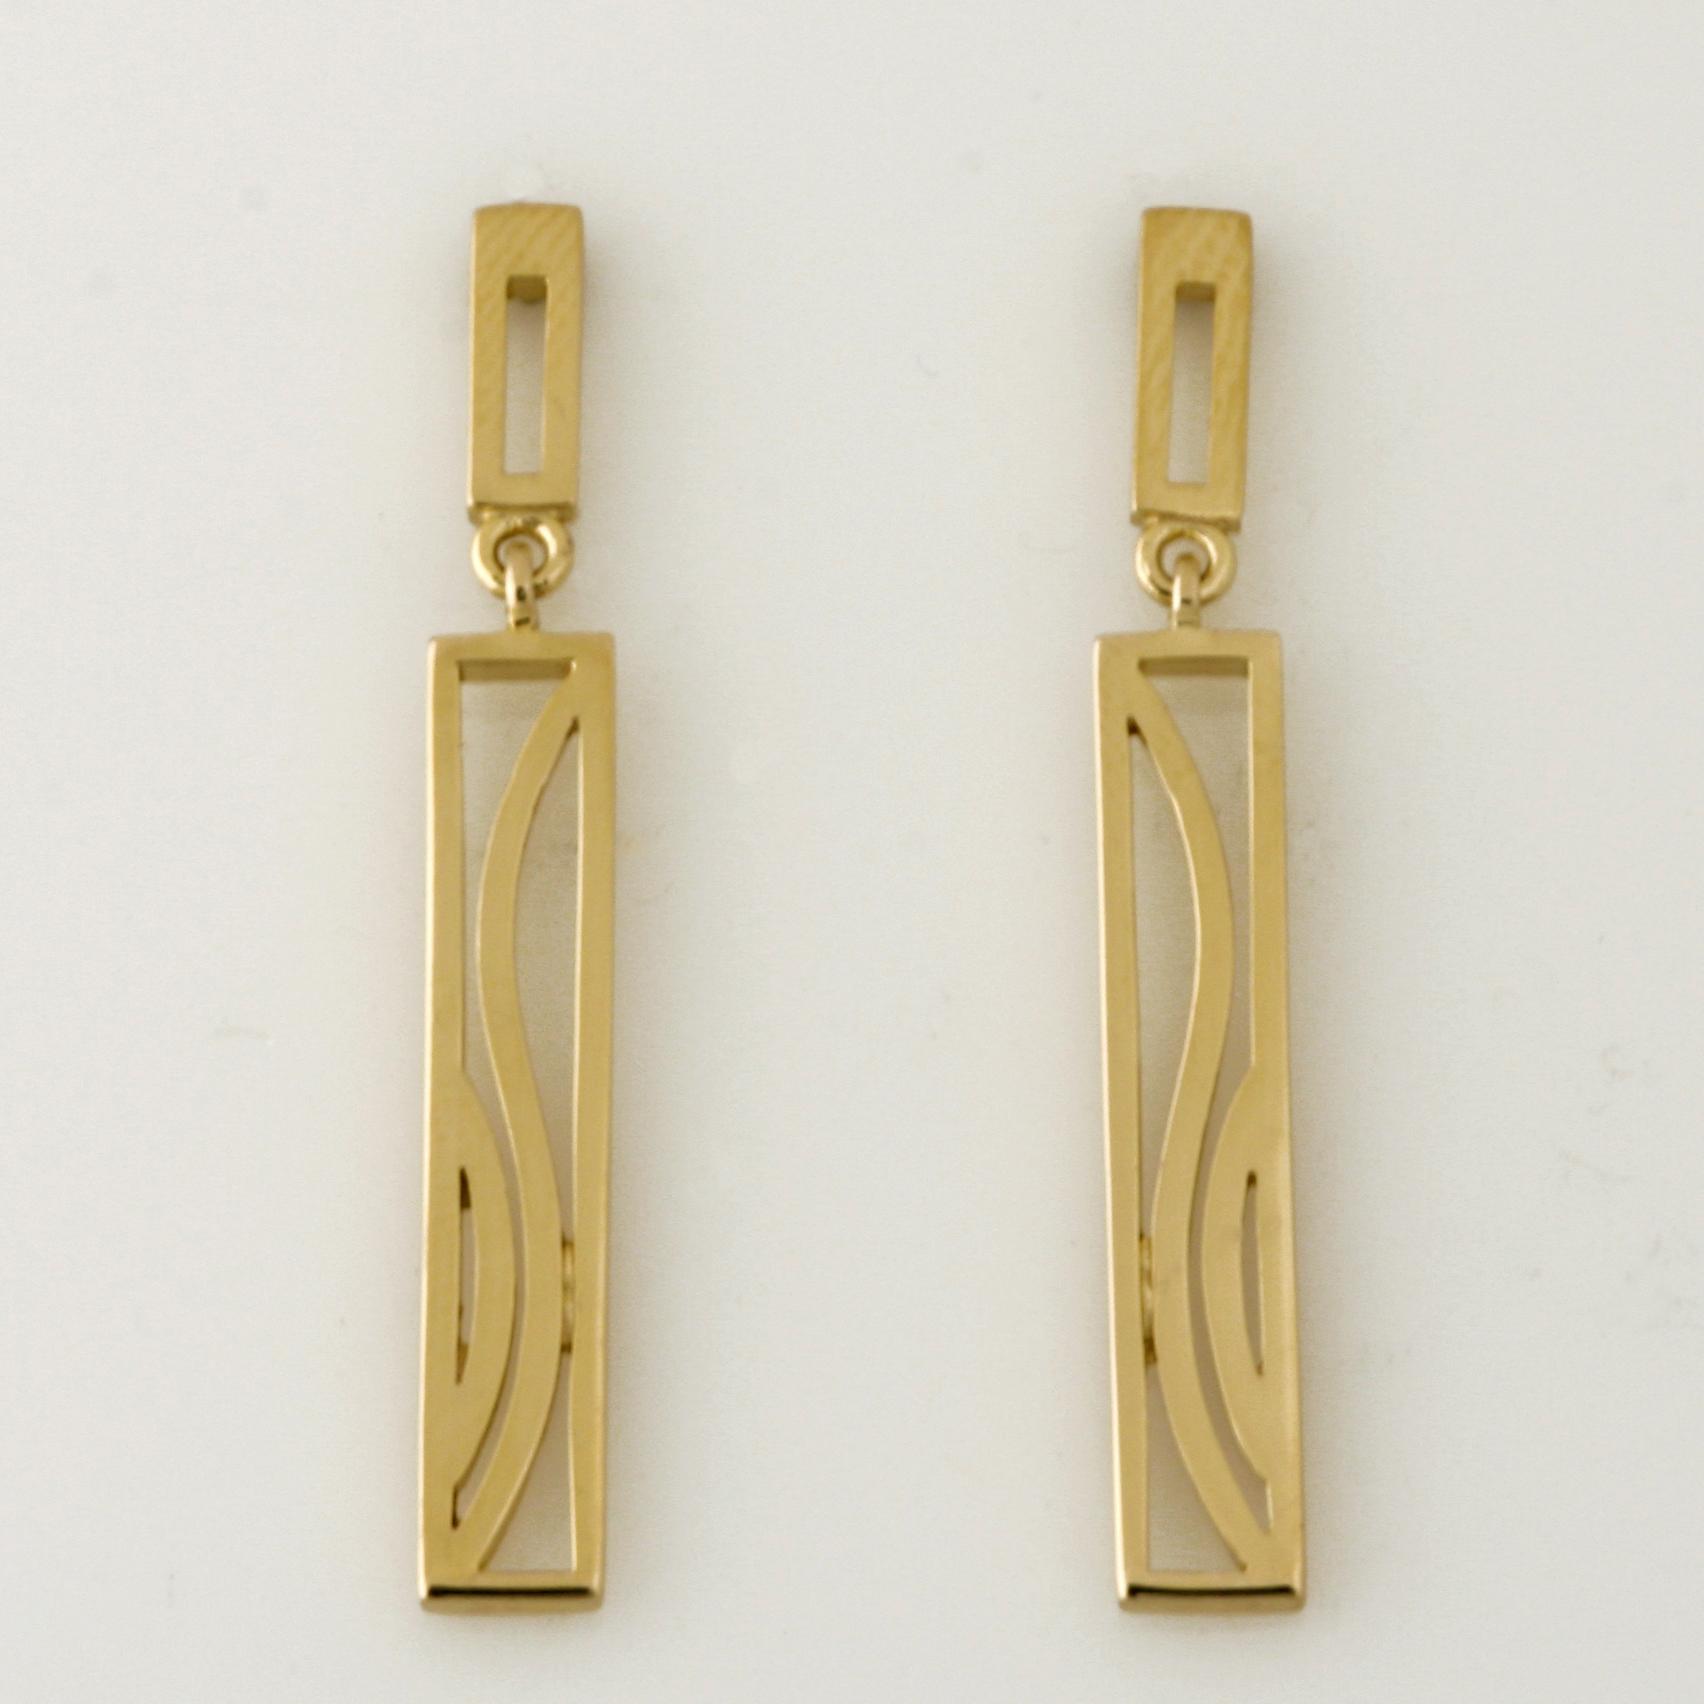 E118 9ct yellow gold long rectangle pattern drop earrings $330